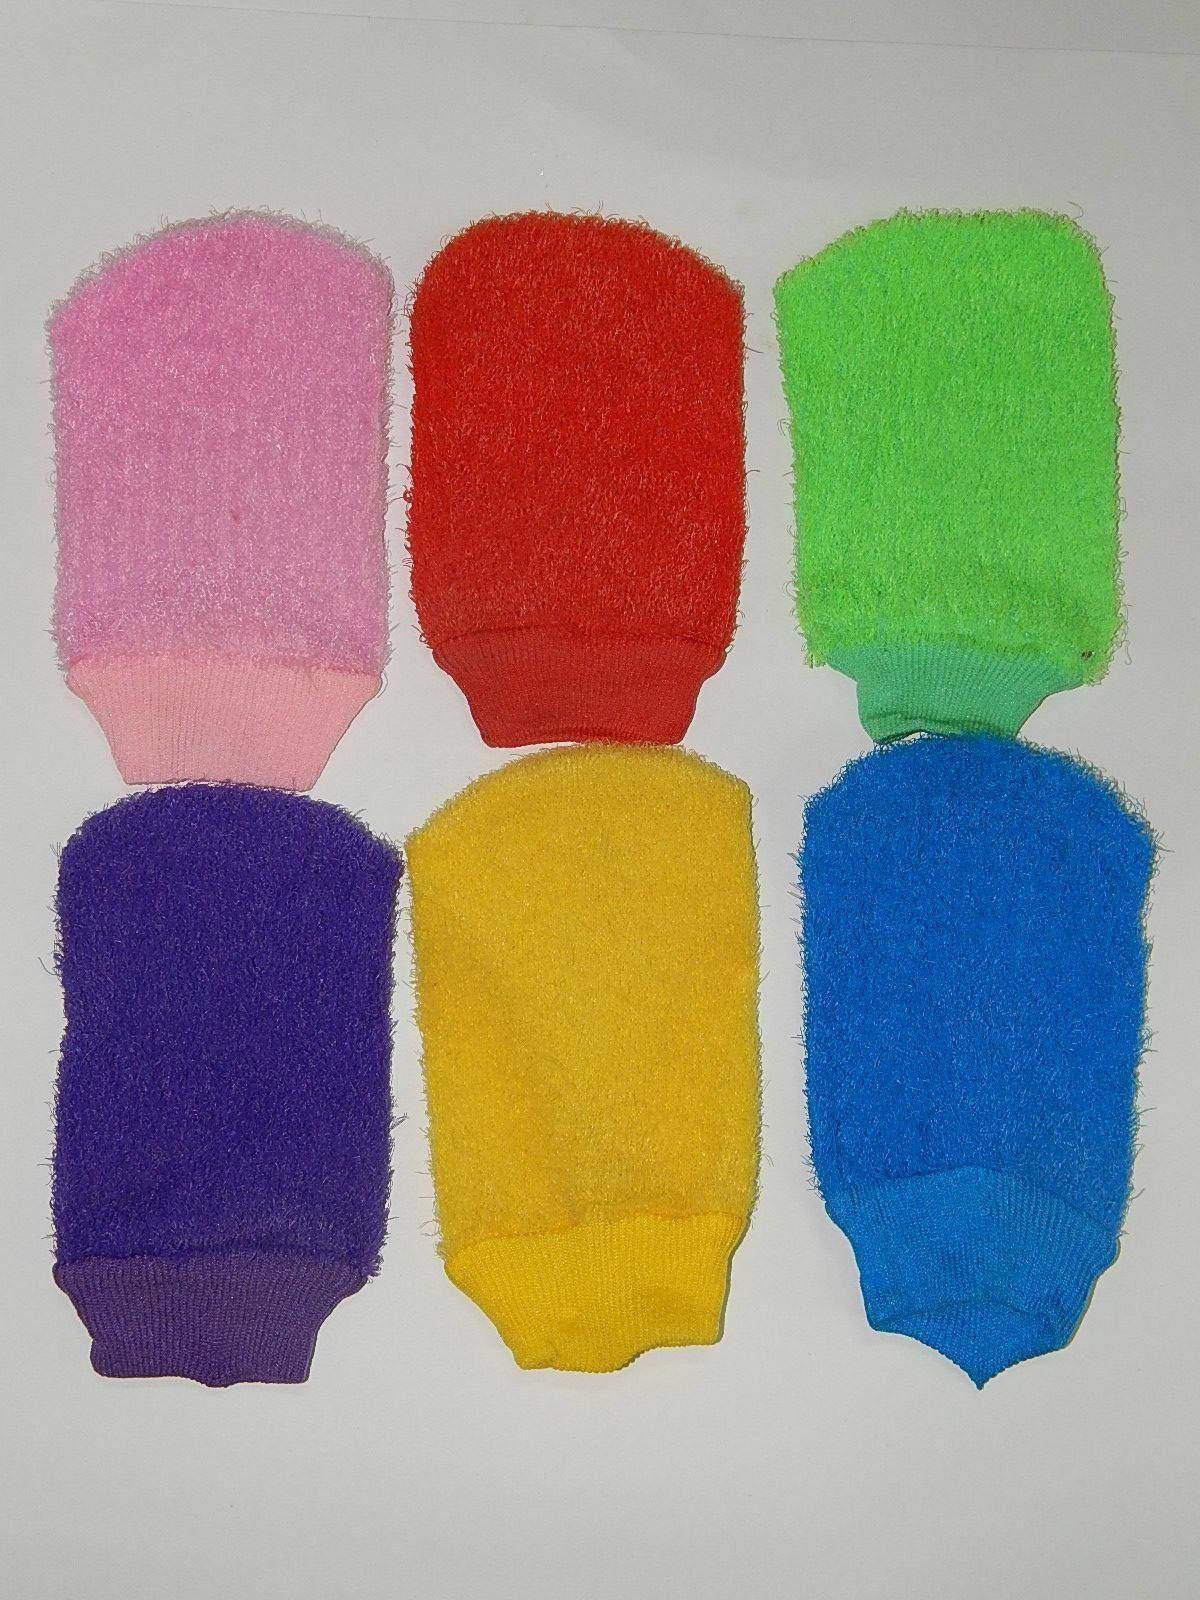 Как сделать из губок и перчатки 754